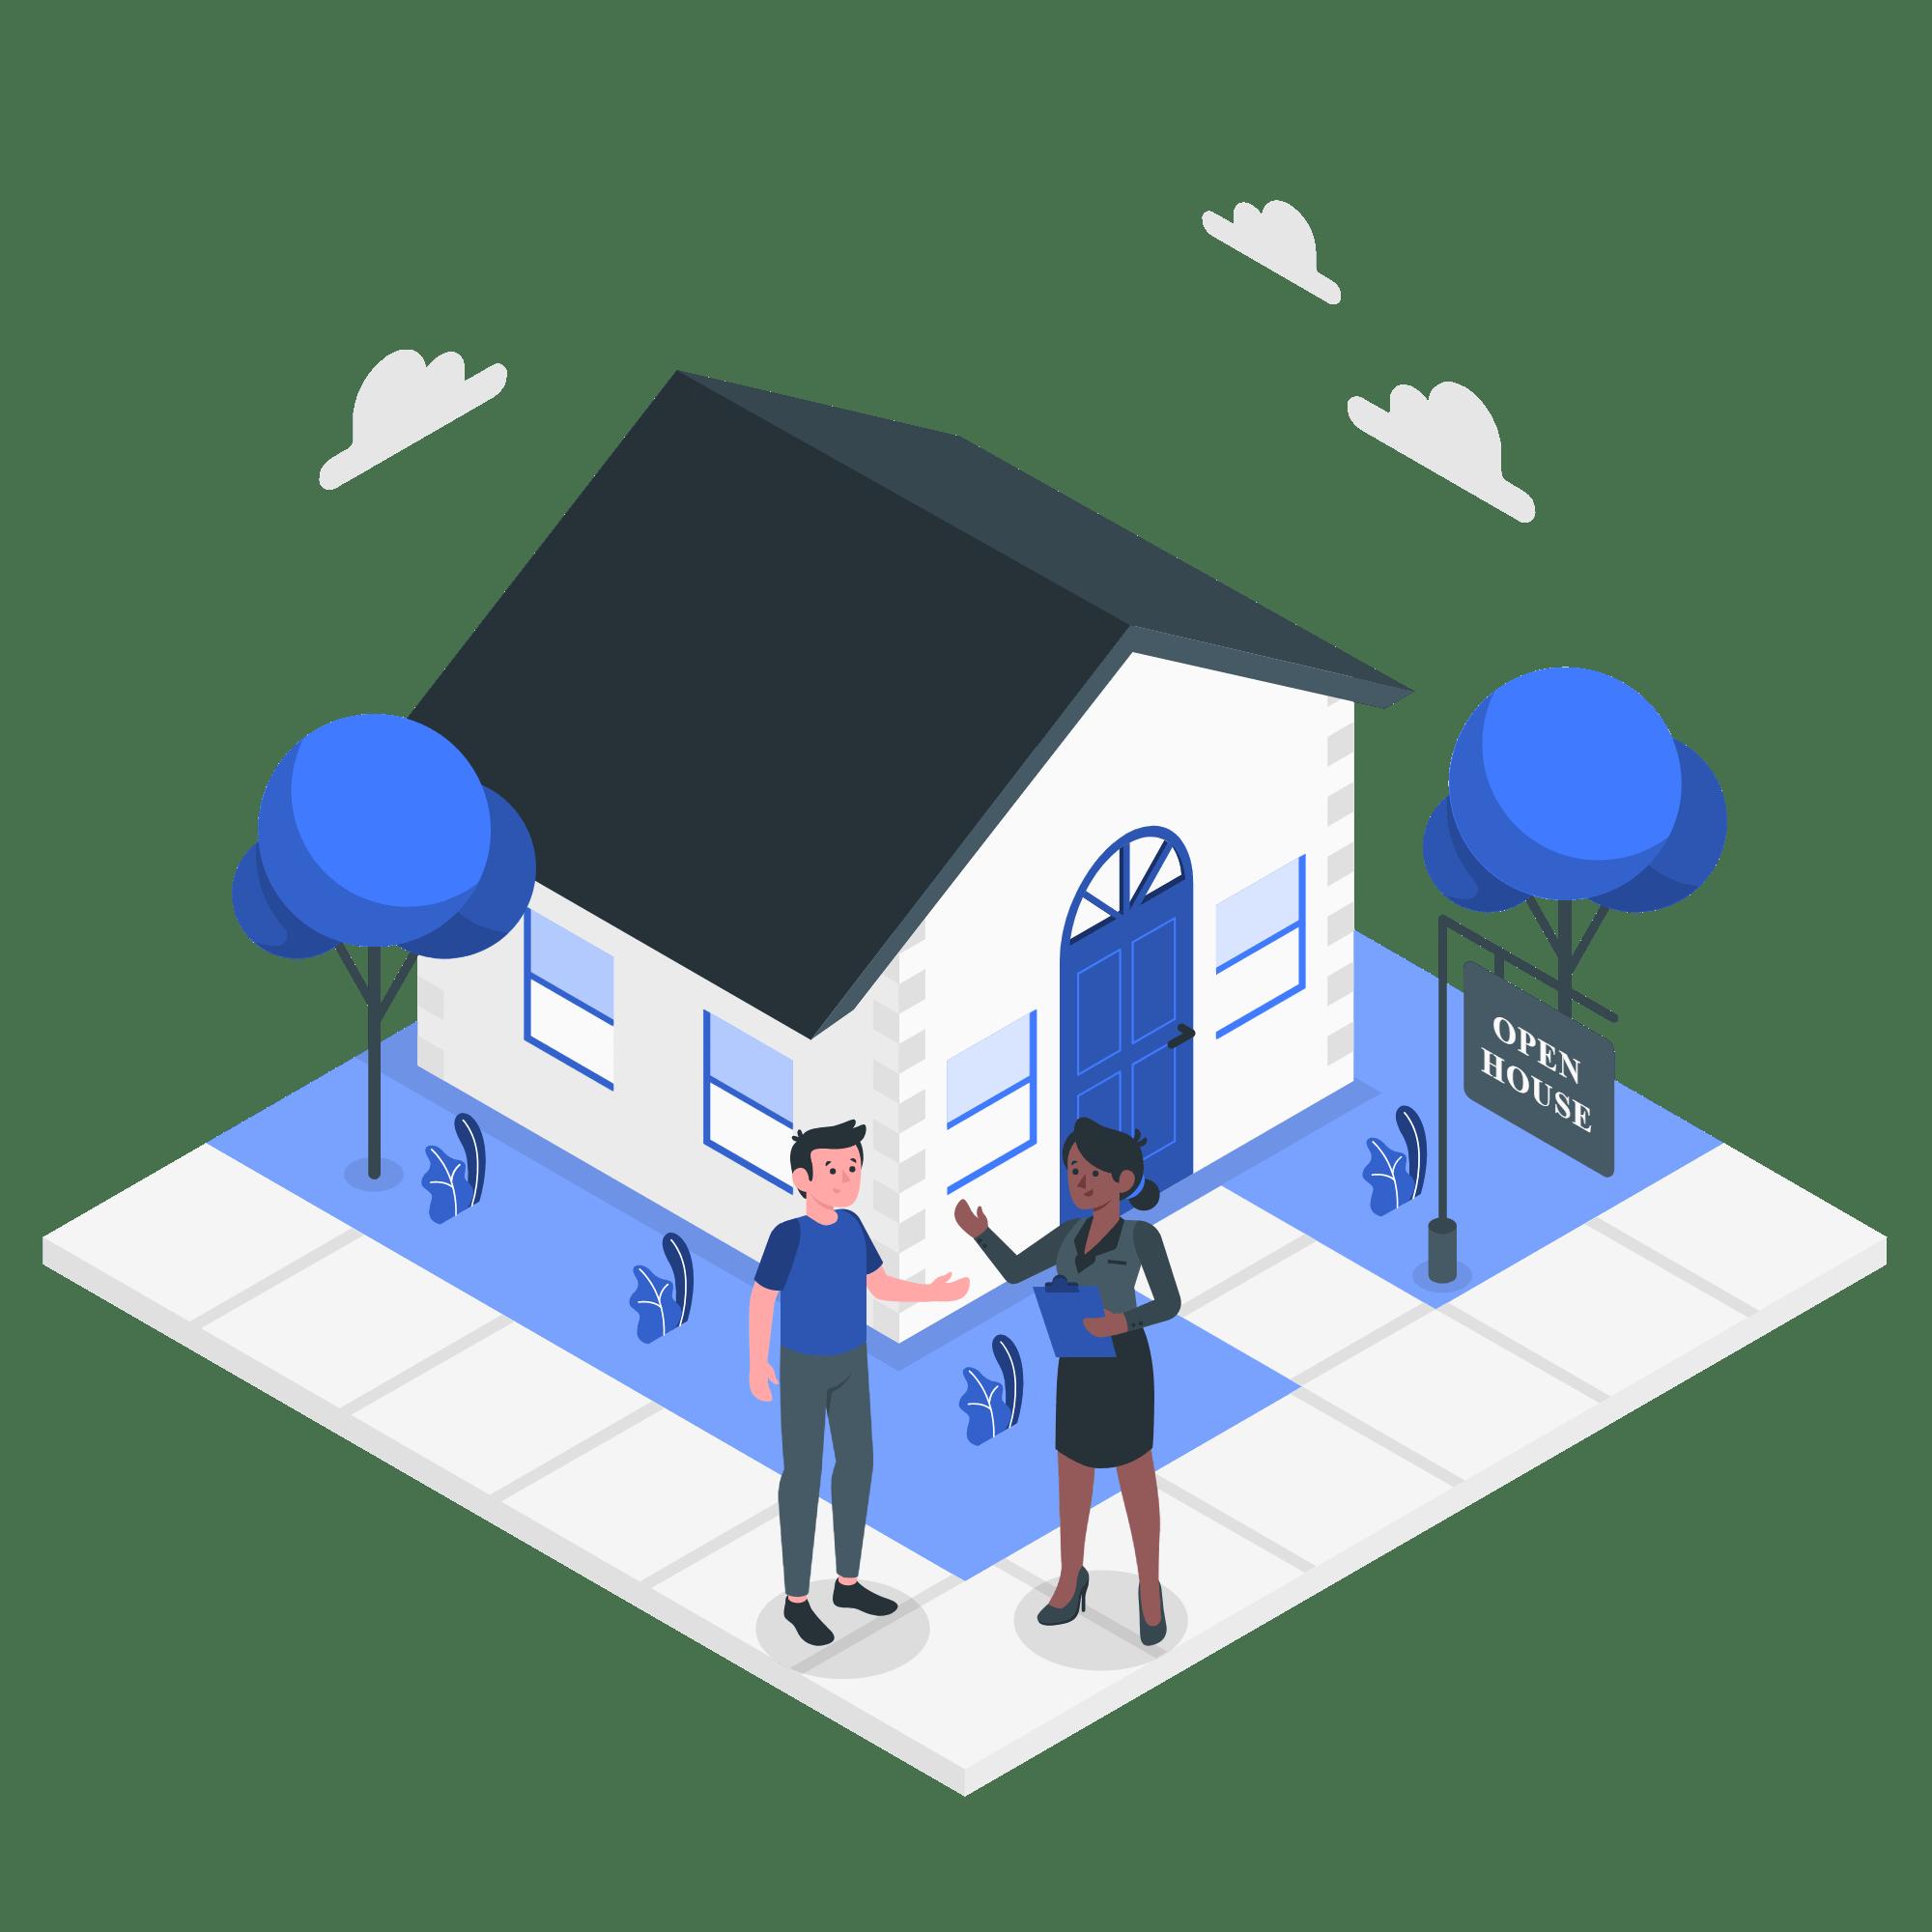 سیستم مدیریت مشتری CRM